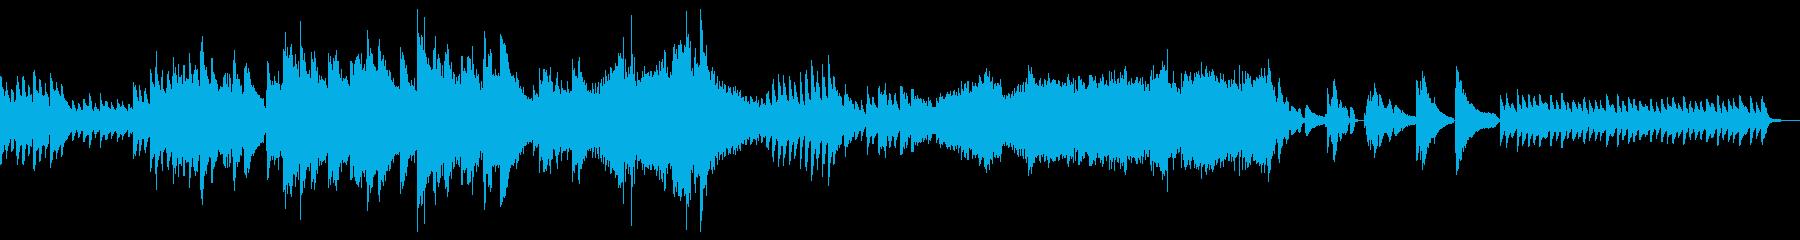 ソロ生ピアノ 重厚 緊迫感 映画 RPGの再生済みの波形